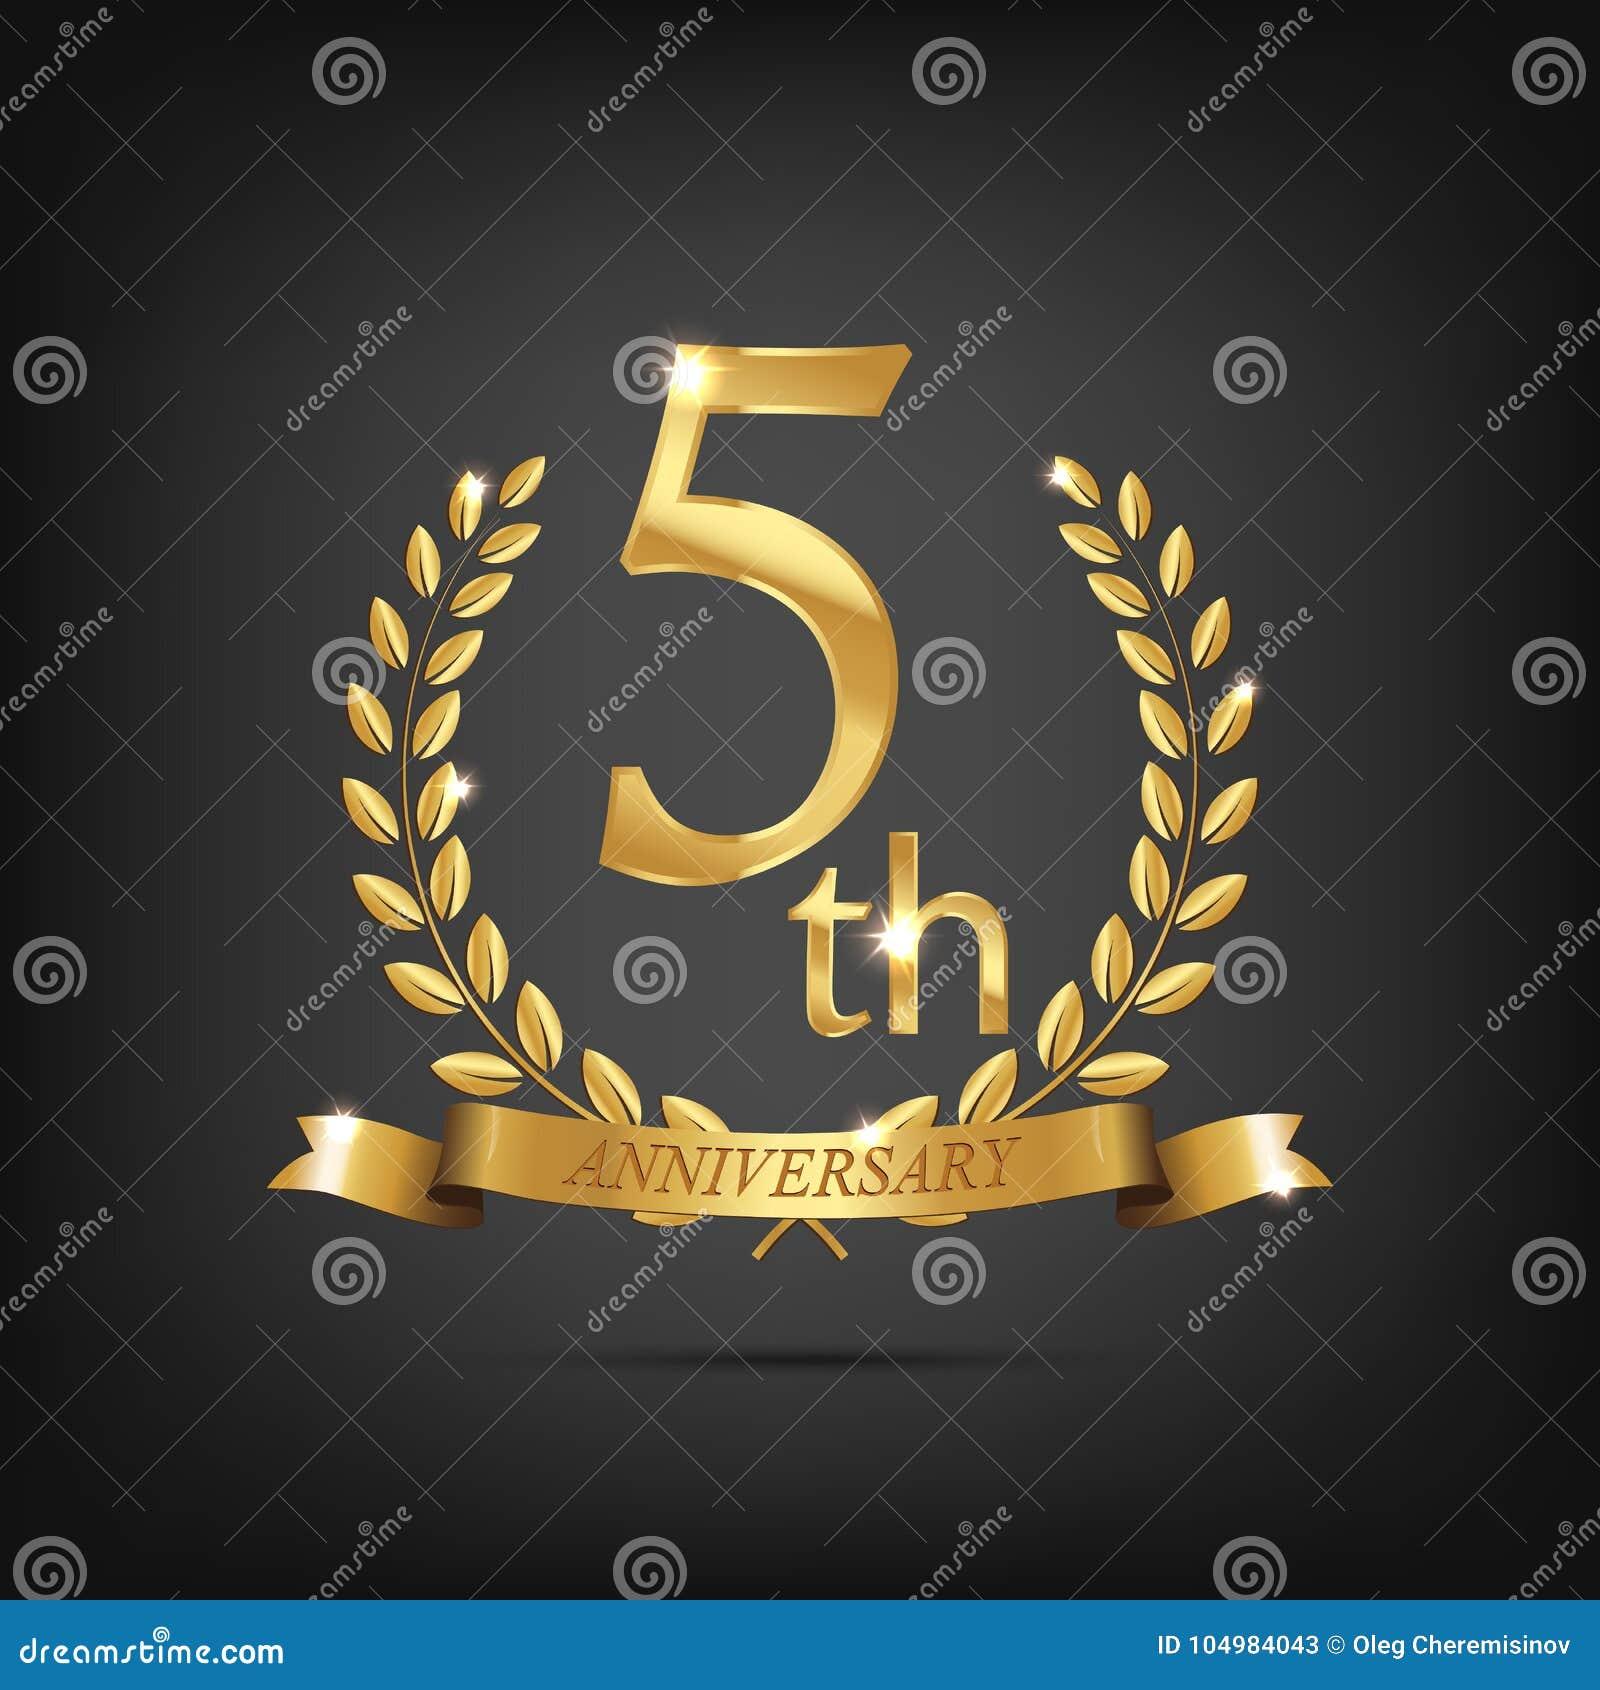 5 anniversary golden symbol golden laurel wreaths with ribbons 5 anniversary golden symbol golden laurel wreaths with ribbons and fifth anniversary year symbol on dark background biocorpaavc Gallery